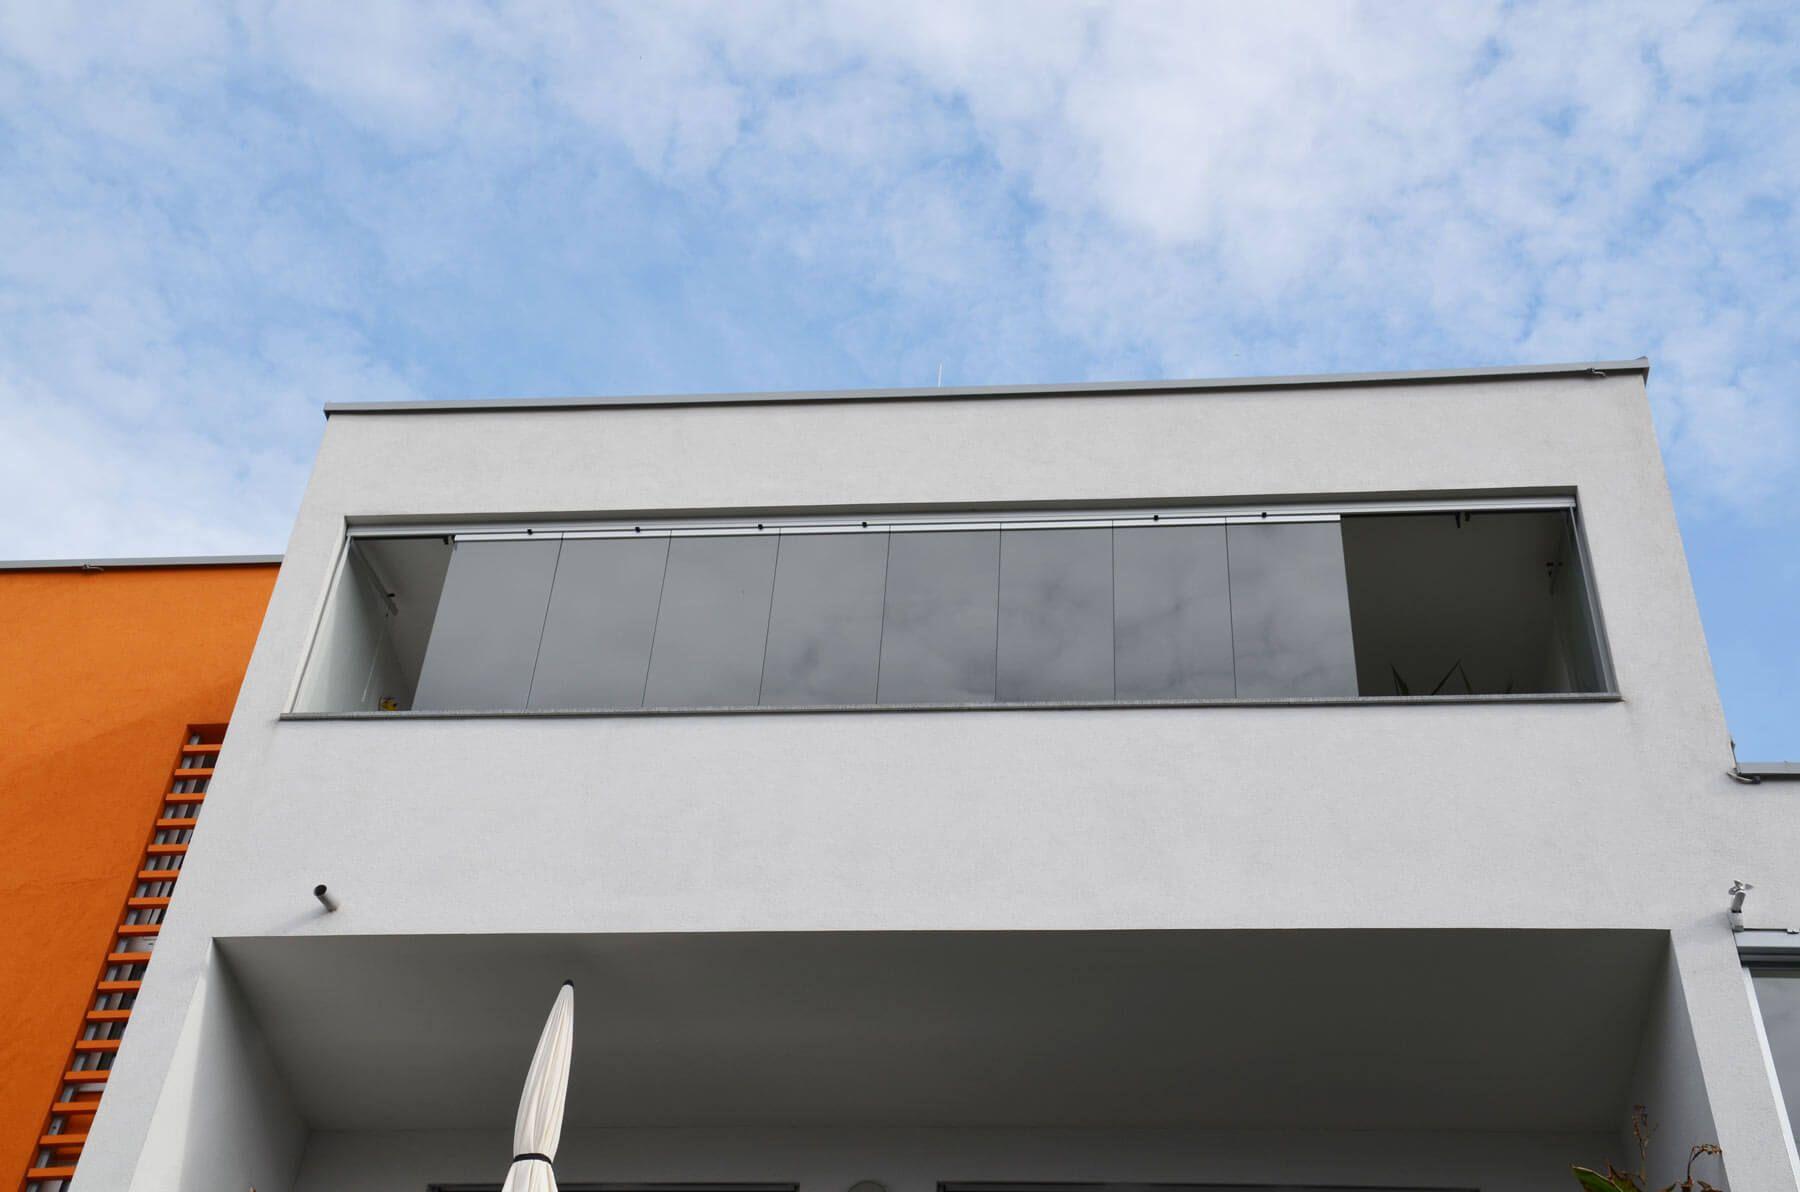 Balkonfenster Glas als optimaler Windschutz & Wetterschutz für